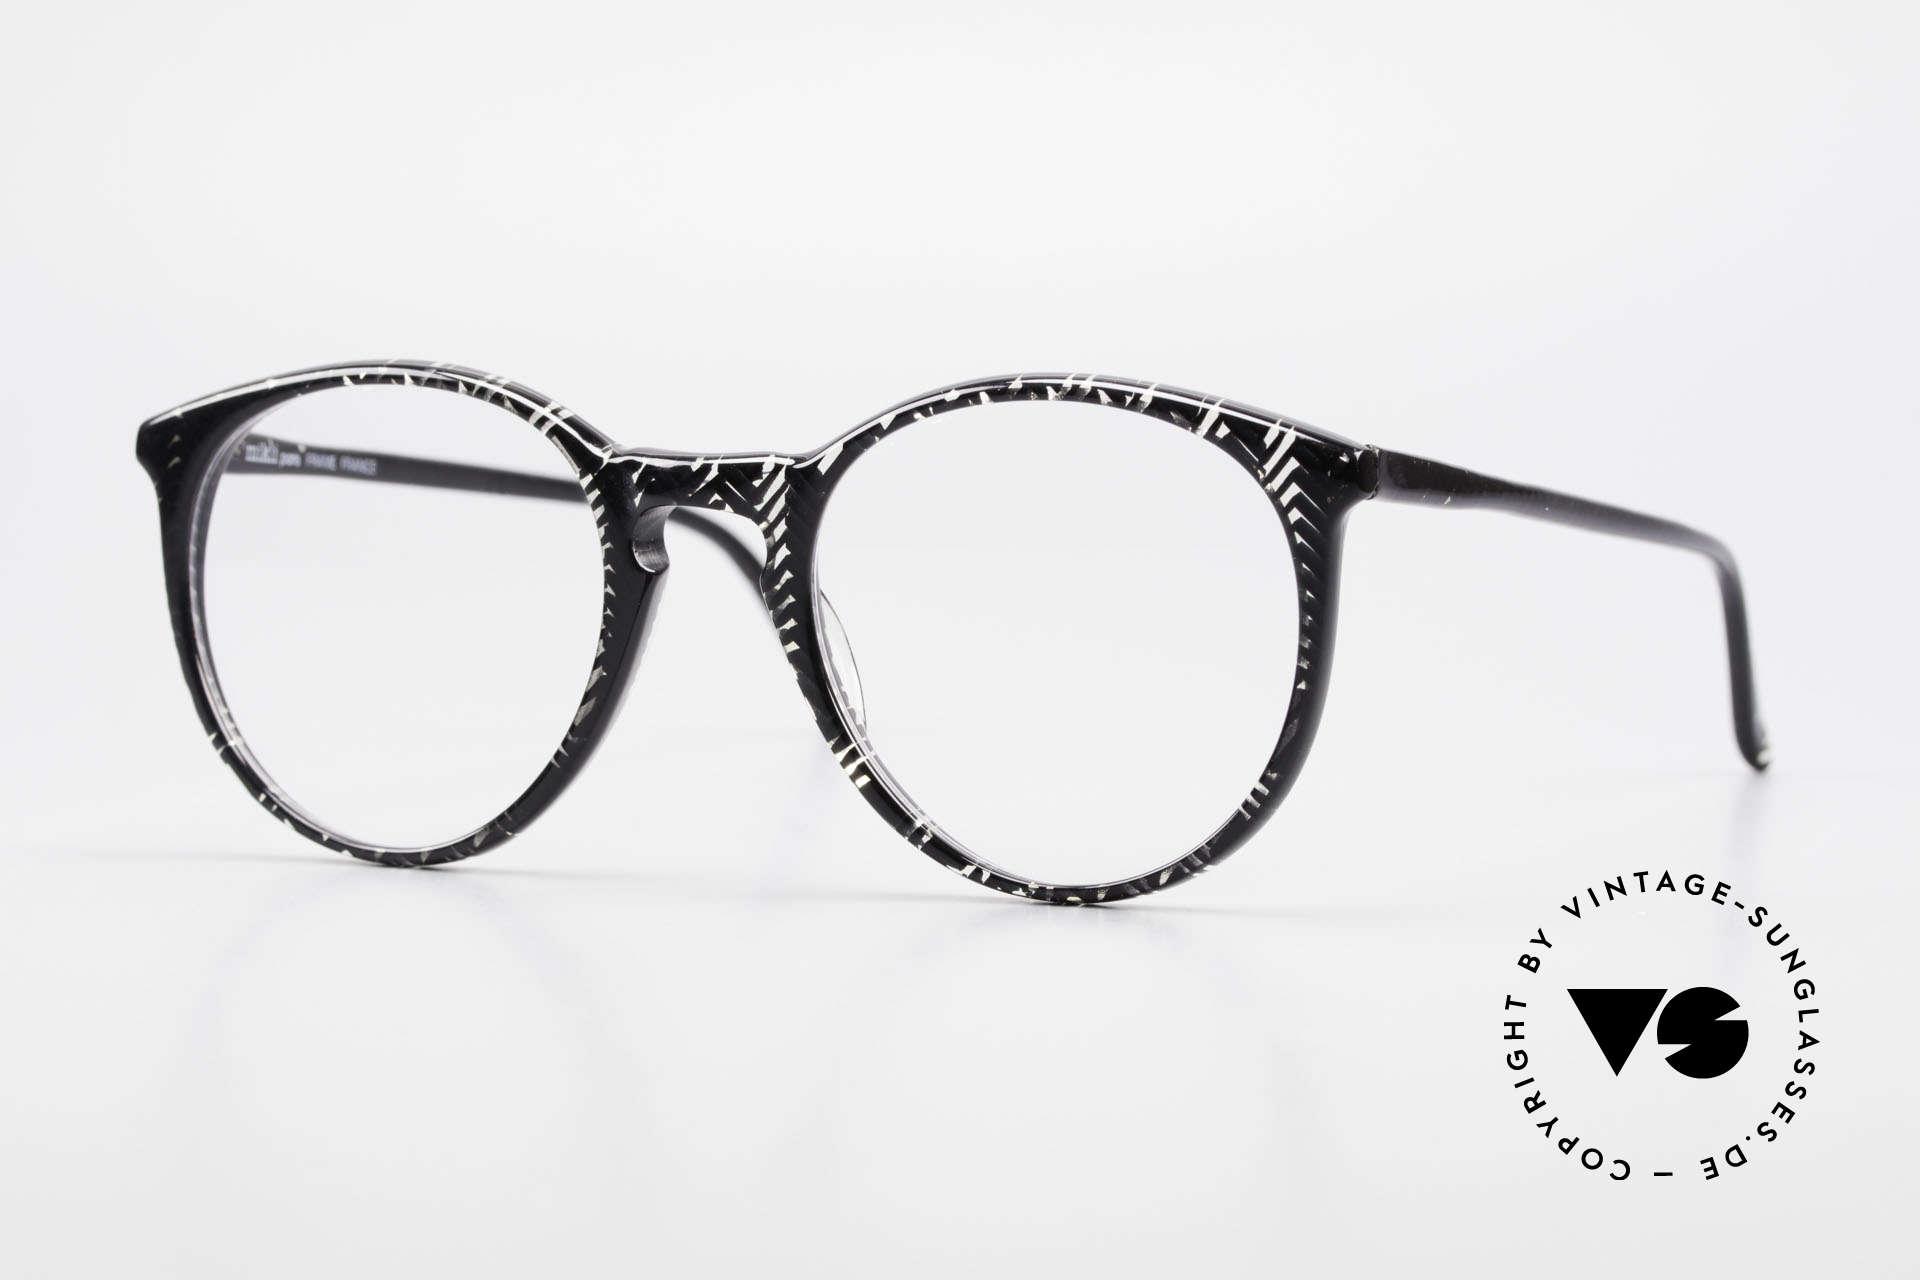 Alain Mikli 901 / 299 Panto Brille Schwarz Kristall, elegante ALAIN MIKLI Paris Designer-Brillenfassung, Passend für Herren und Damen